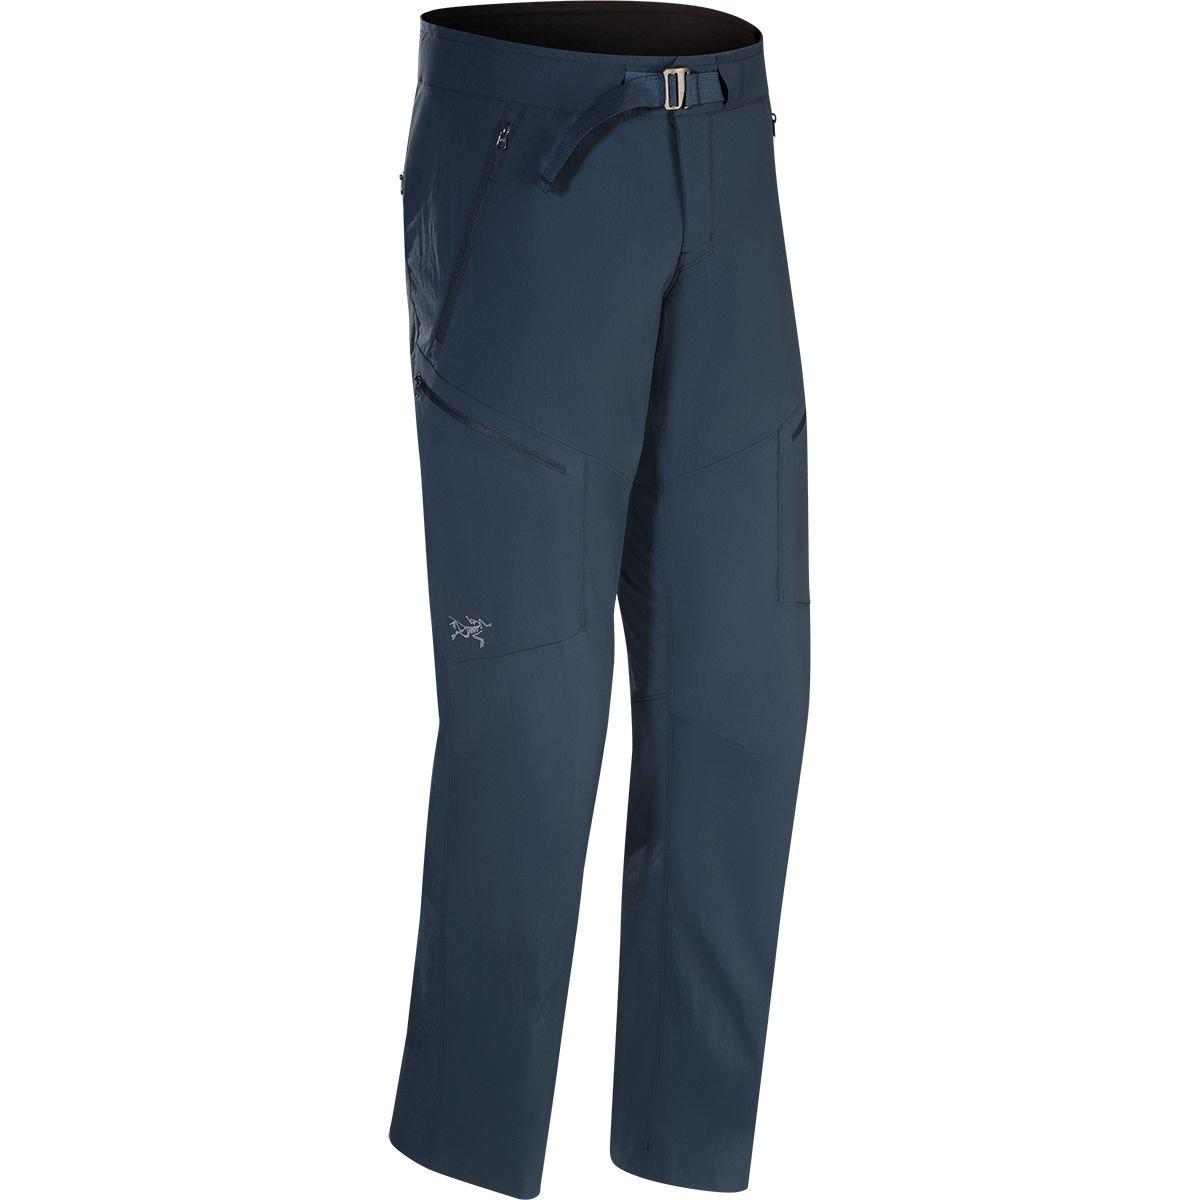 ARC'TERYX(アークテリクス) Palisade Pant Men's パリセード パンツ メンズ 22401 B073V4H7G5 3430|ノクターン ノクターン 3430